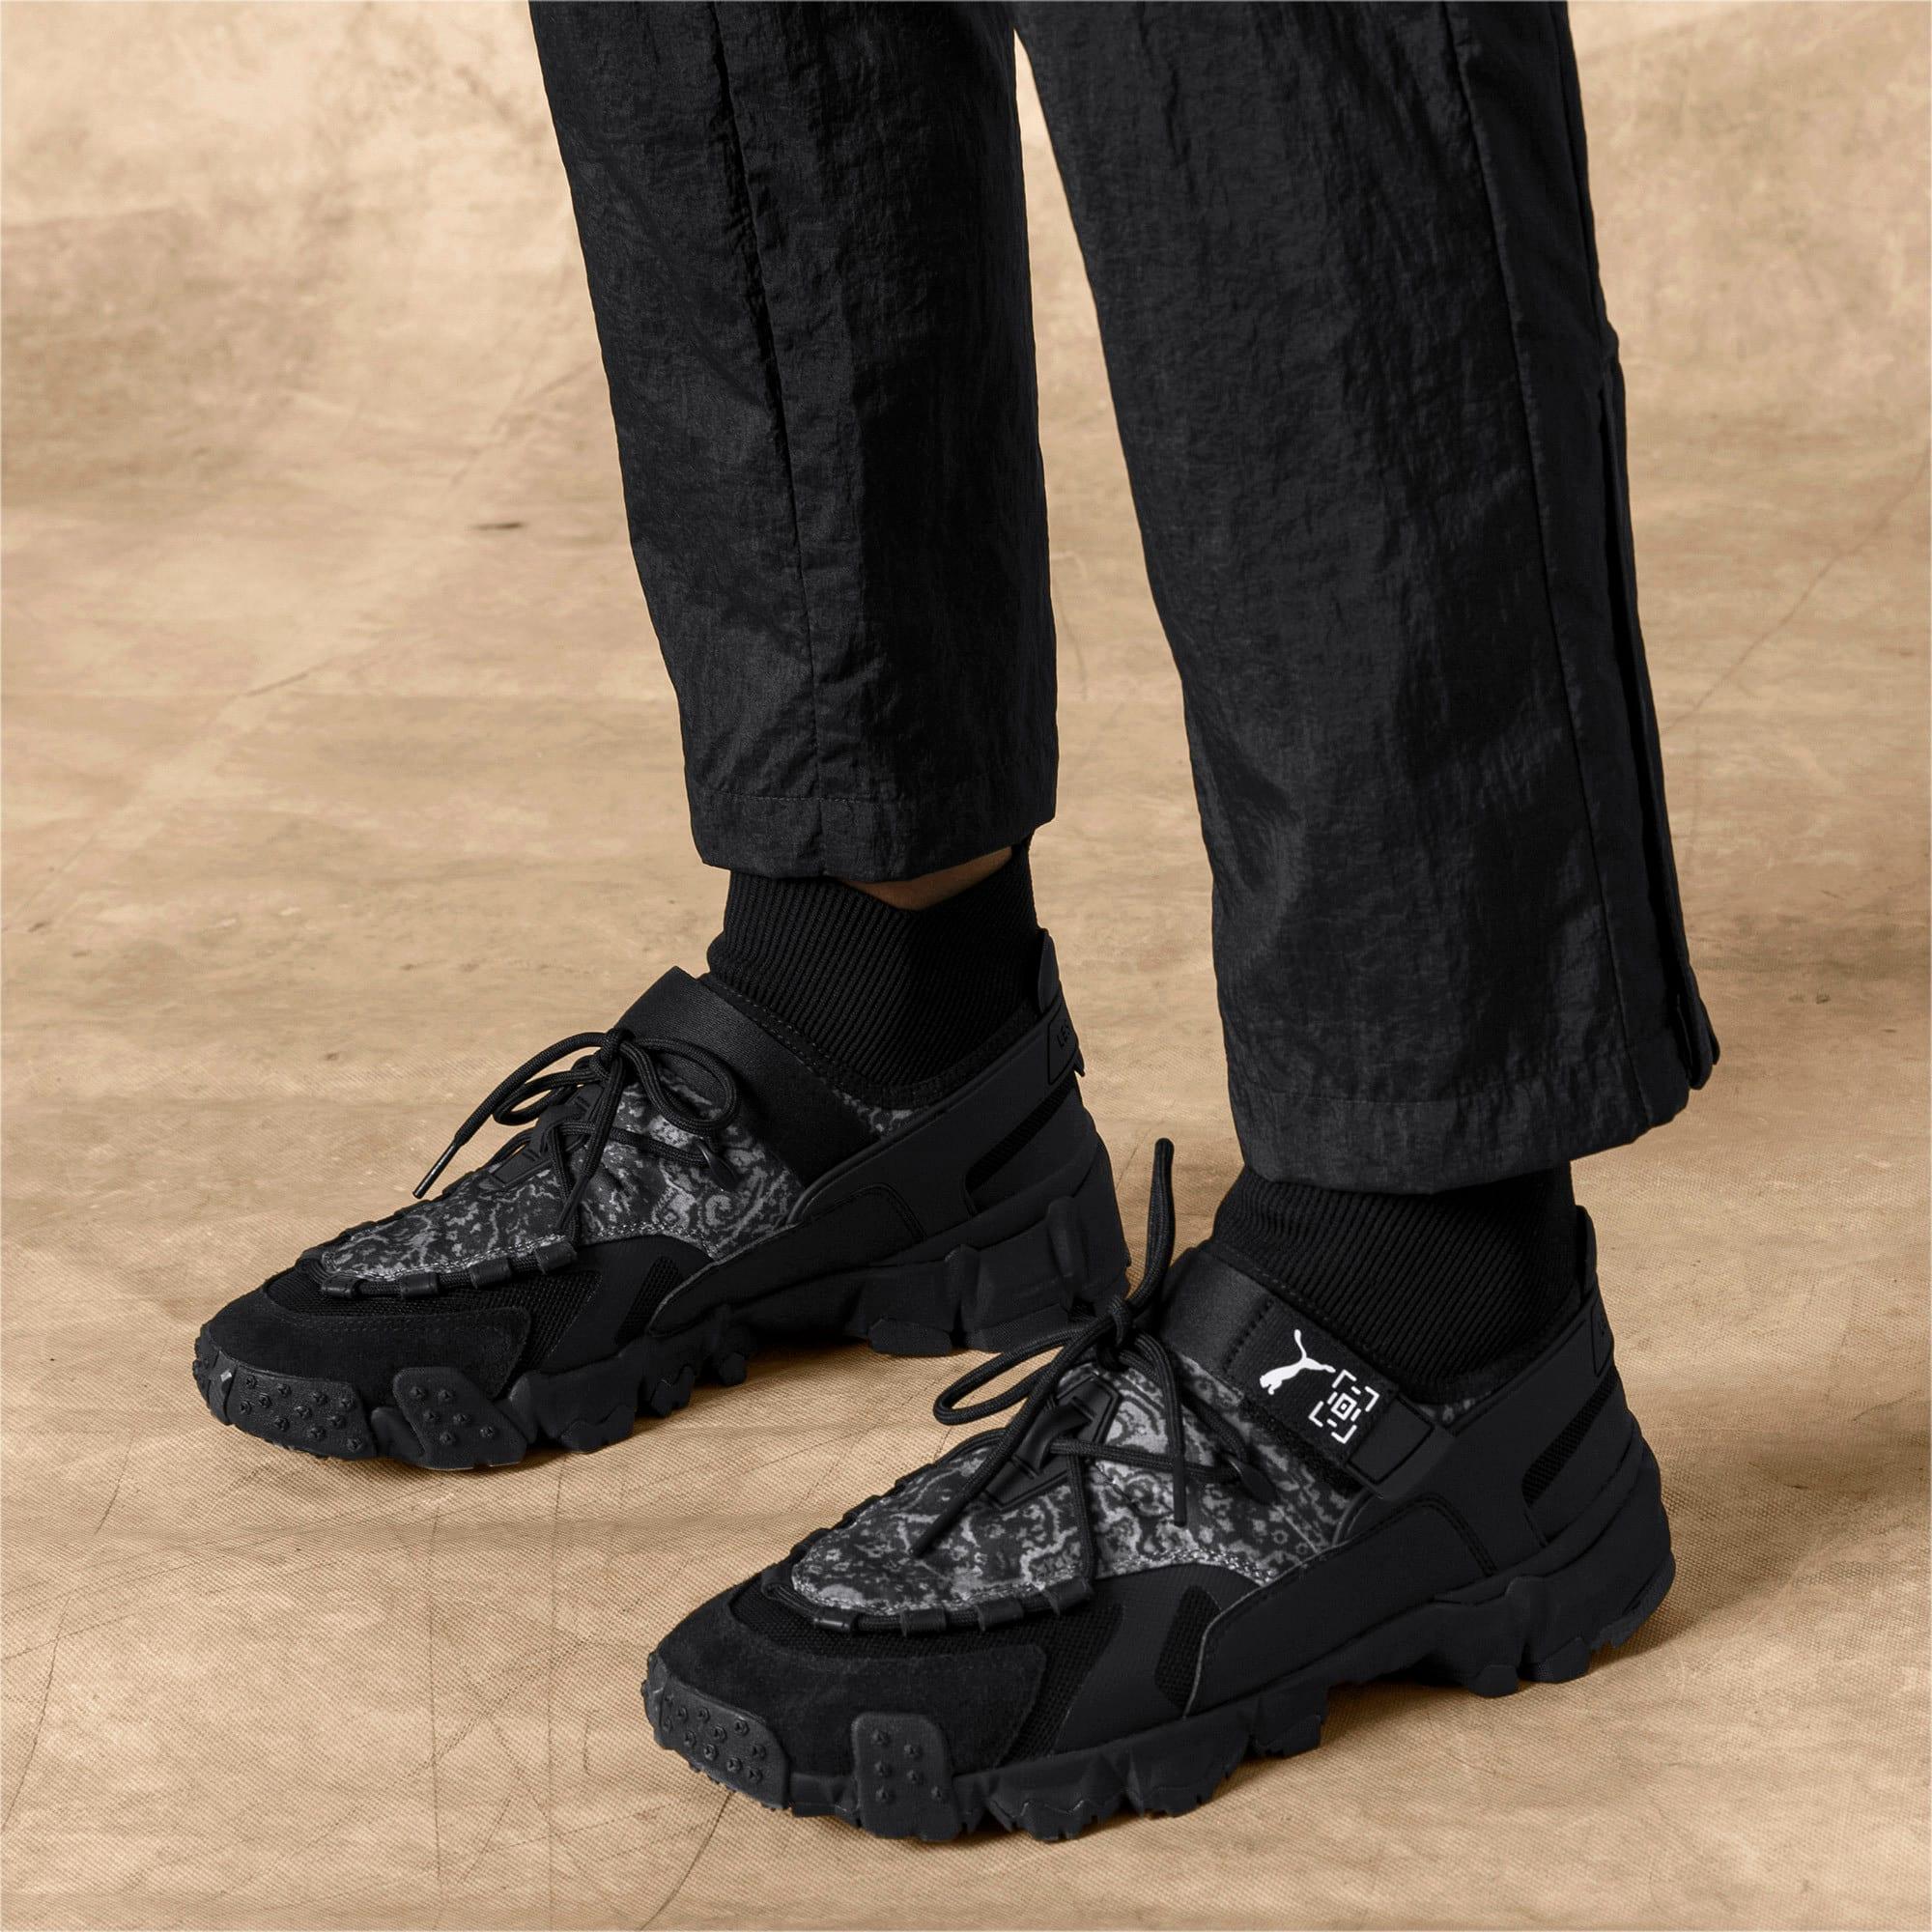 Thumbnail 2 of Trailfox LES BENJAMINS Sneakers, Puma Black, medium